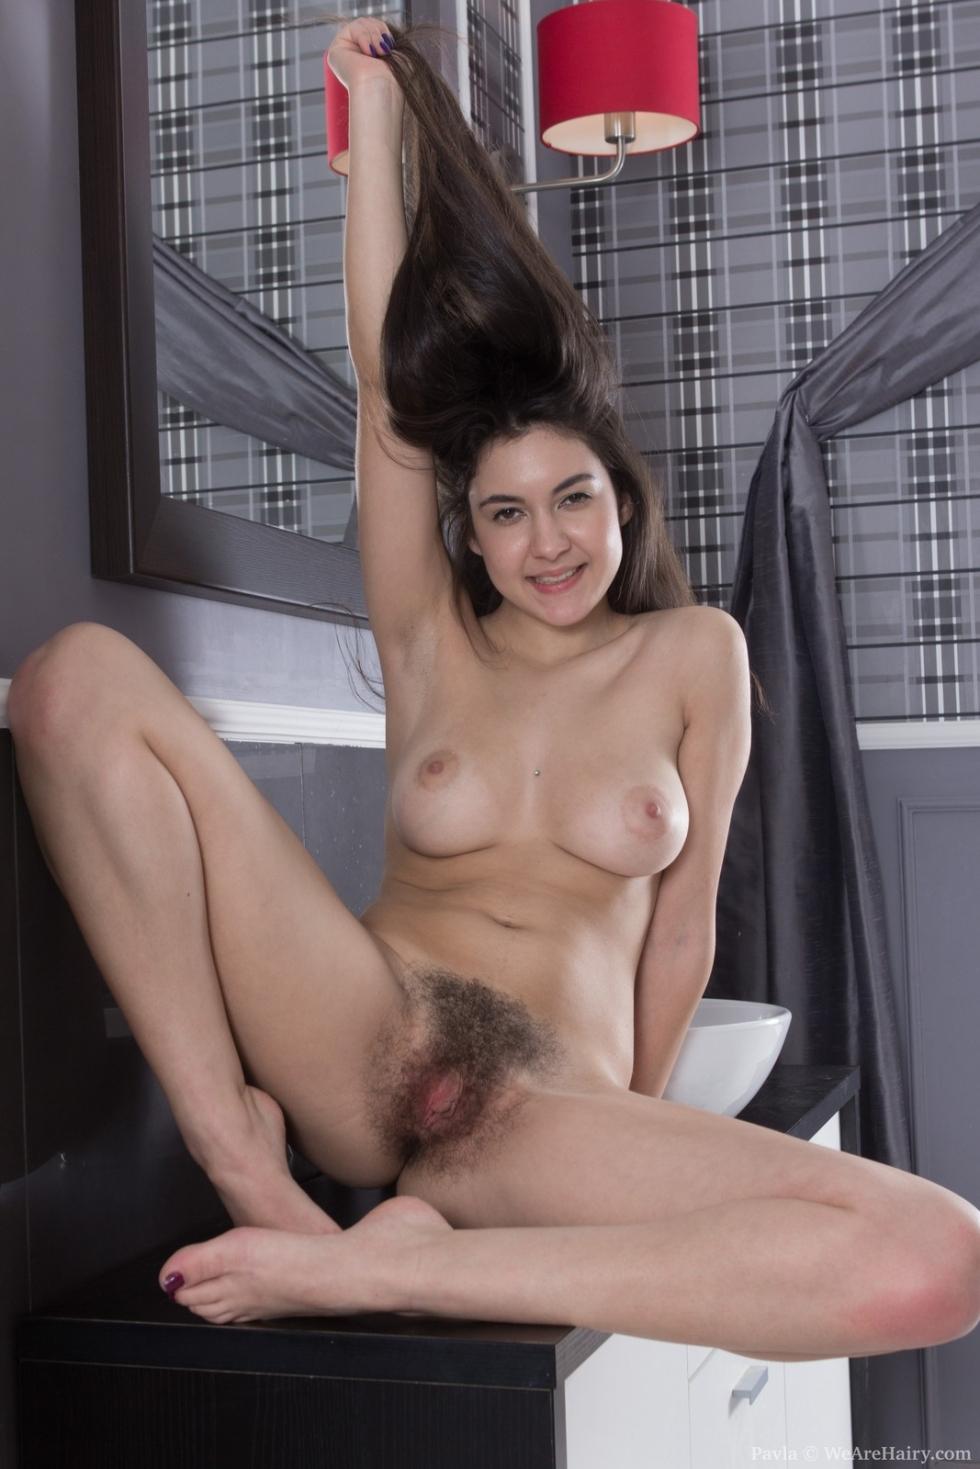 WeAreHairy Pavla: Pavla strips naked by her wash basin